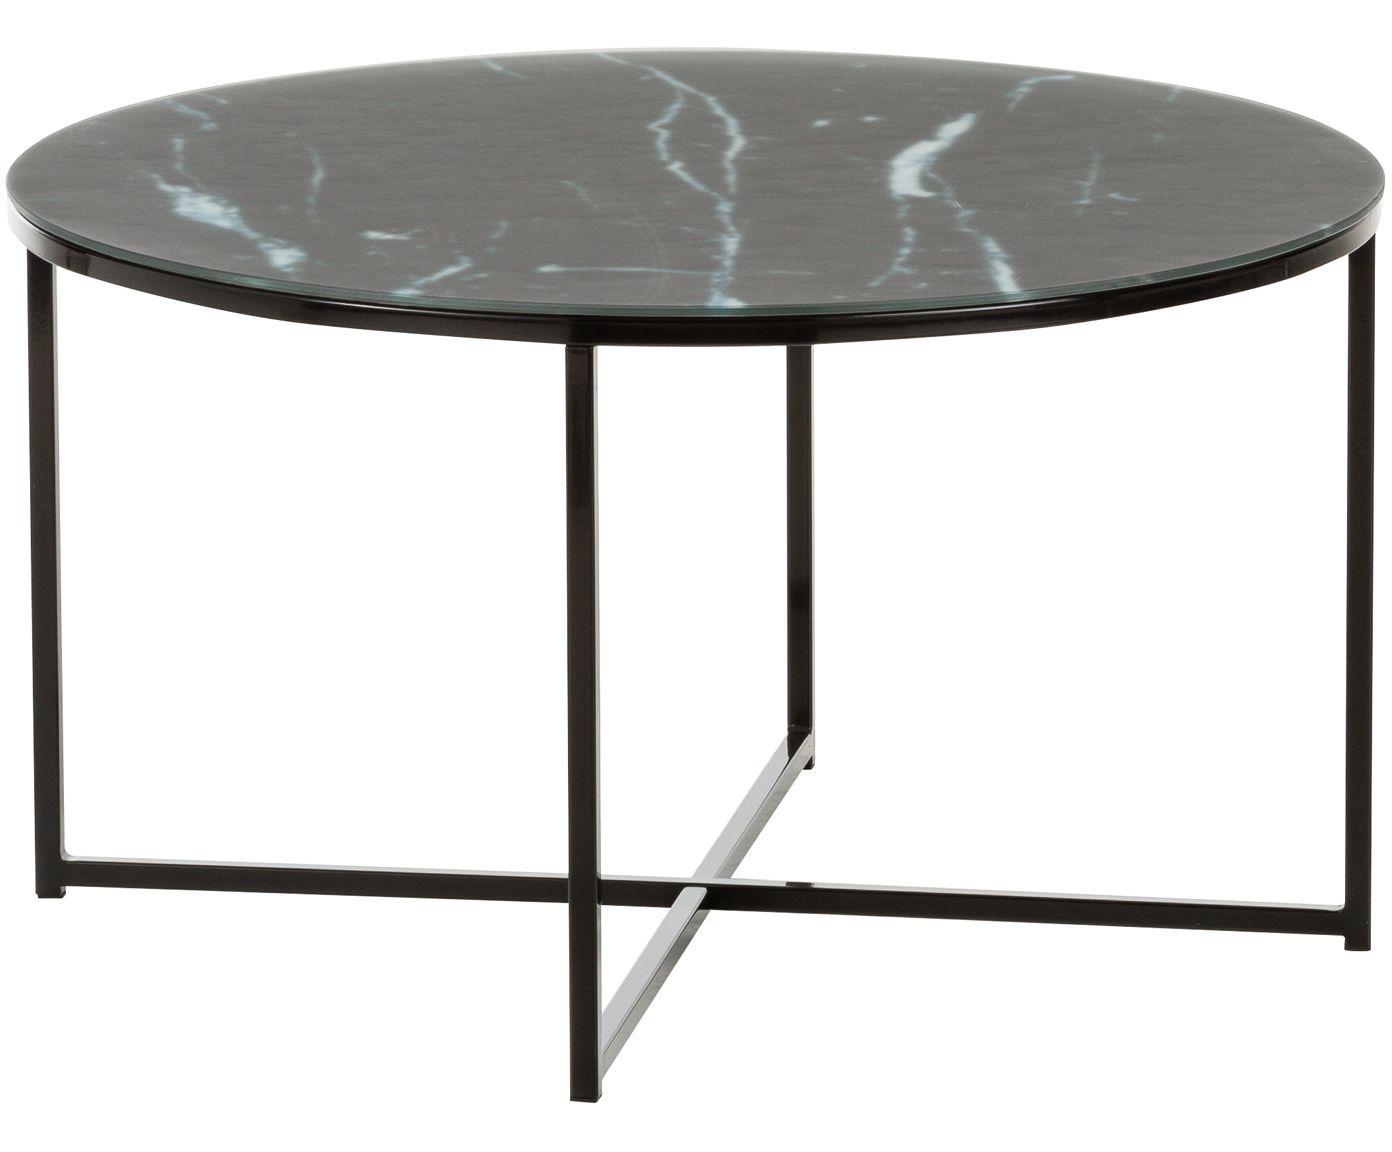 Machen Sie Ihr Wohnzimmer Mit Dem Couchtisch Antigua Aus Stahl Und Glas In Schwarzer Marmor Optik Zur Wohlfühloa Couchtisch Marmor Couchtisch Couchtisch Kaufen